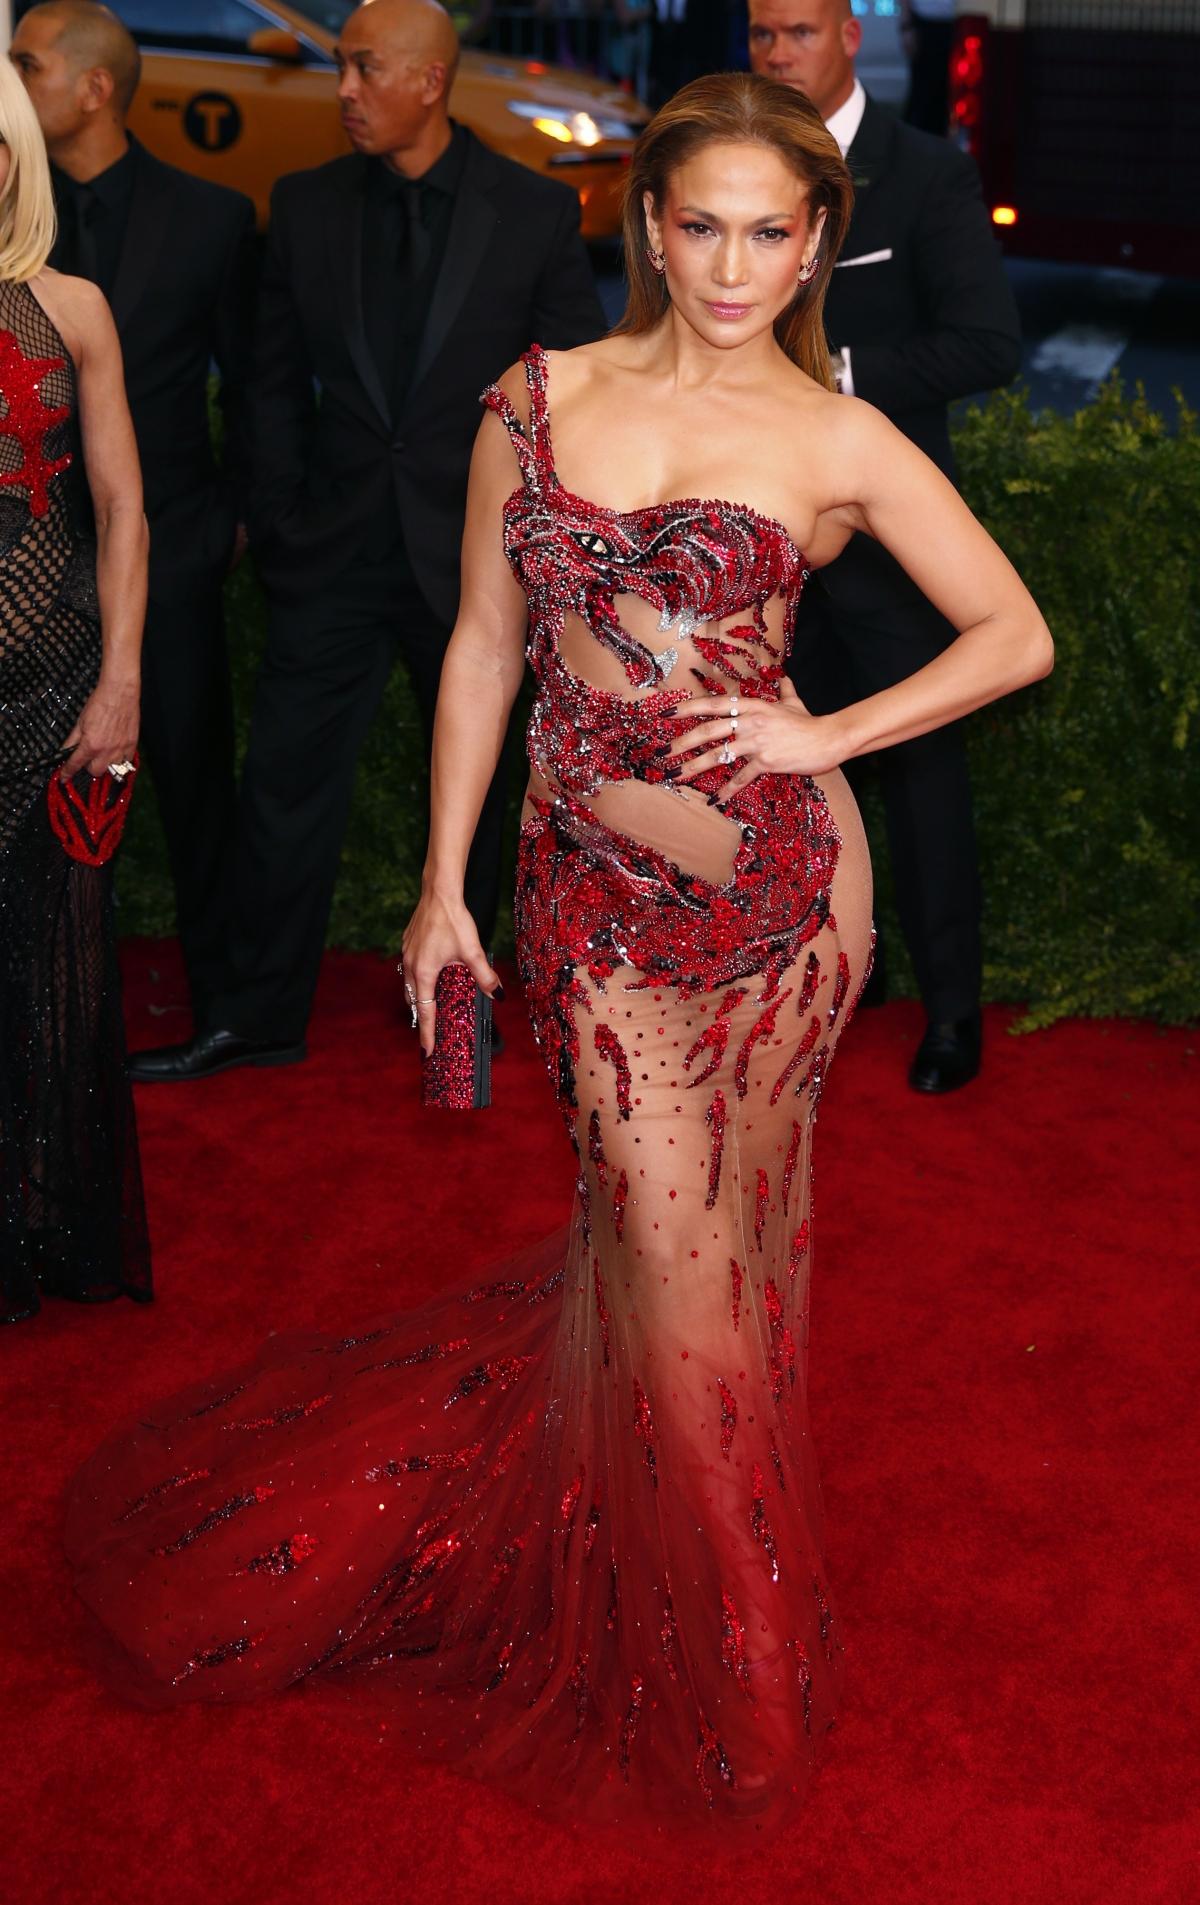 Met Gala 2015 Beyonce Kim Kardashian Miley Cyrus And